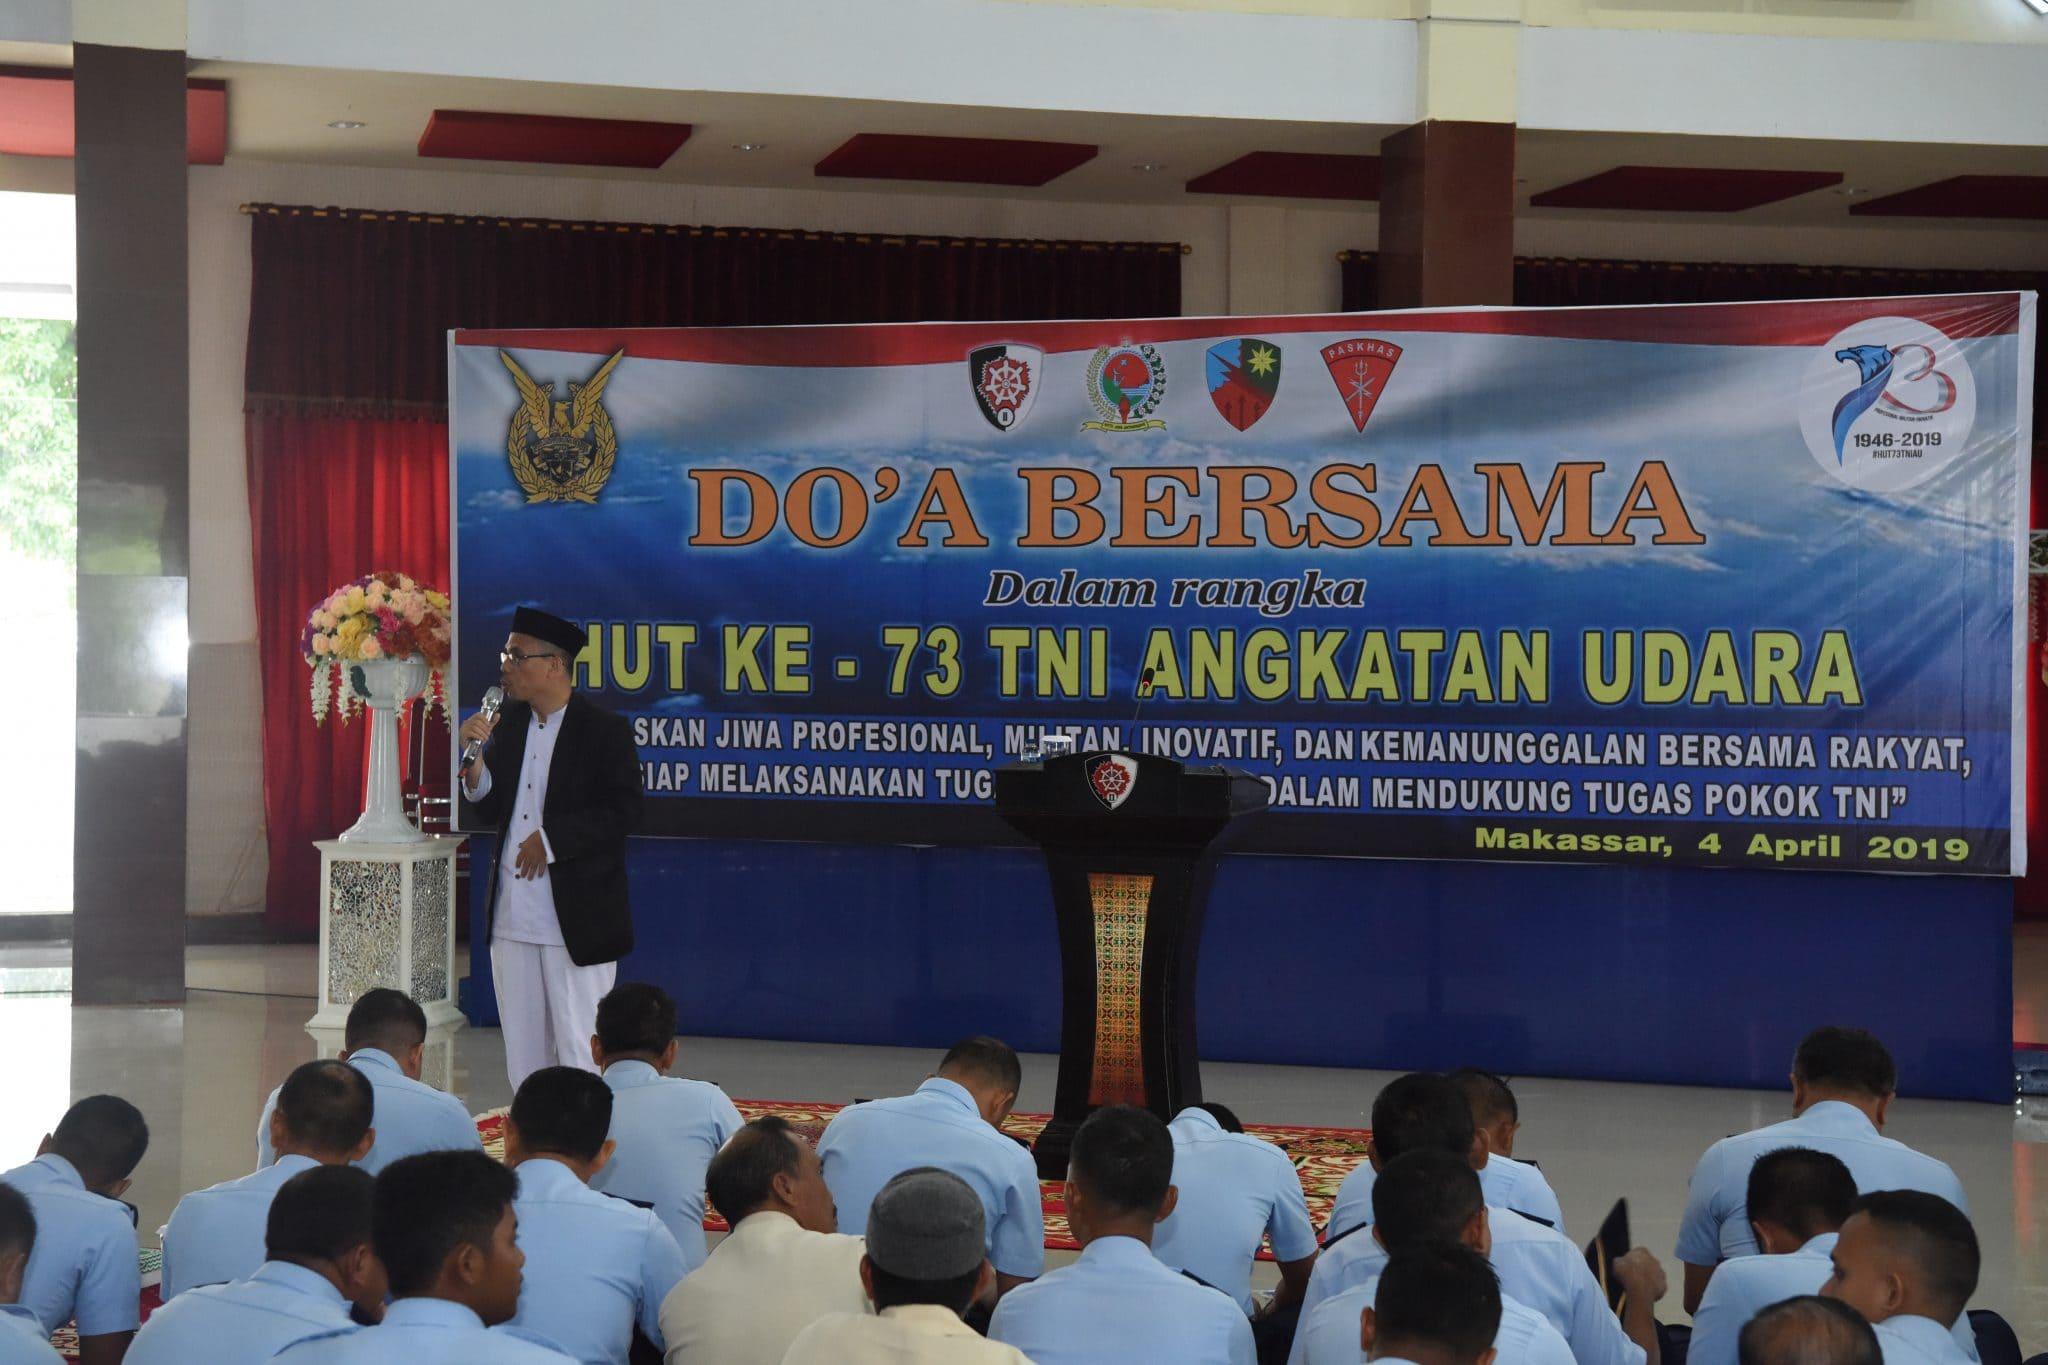 Doa Bersama Dalam Rangka Hut Ke 73 TNI ANGKATAN UDARA